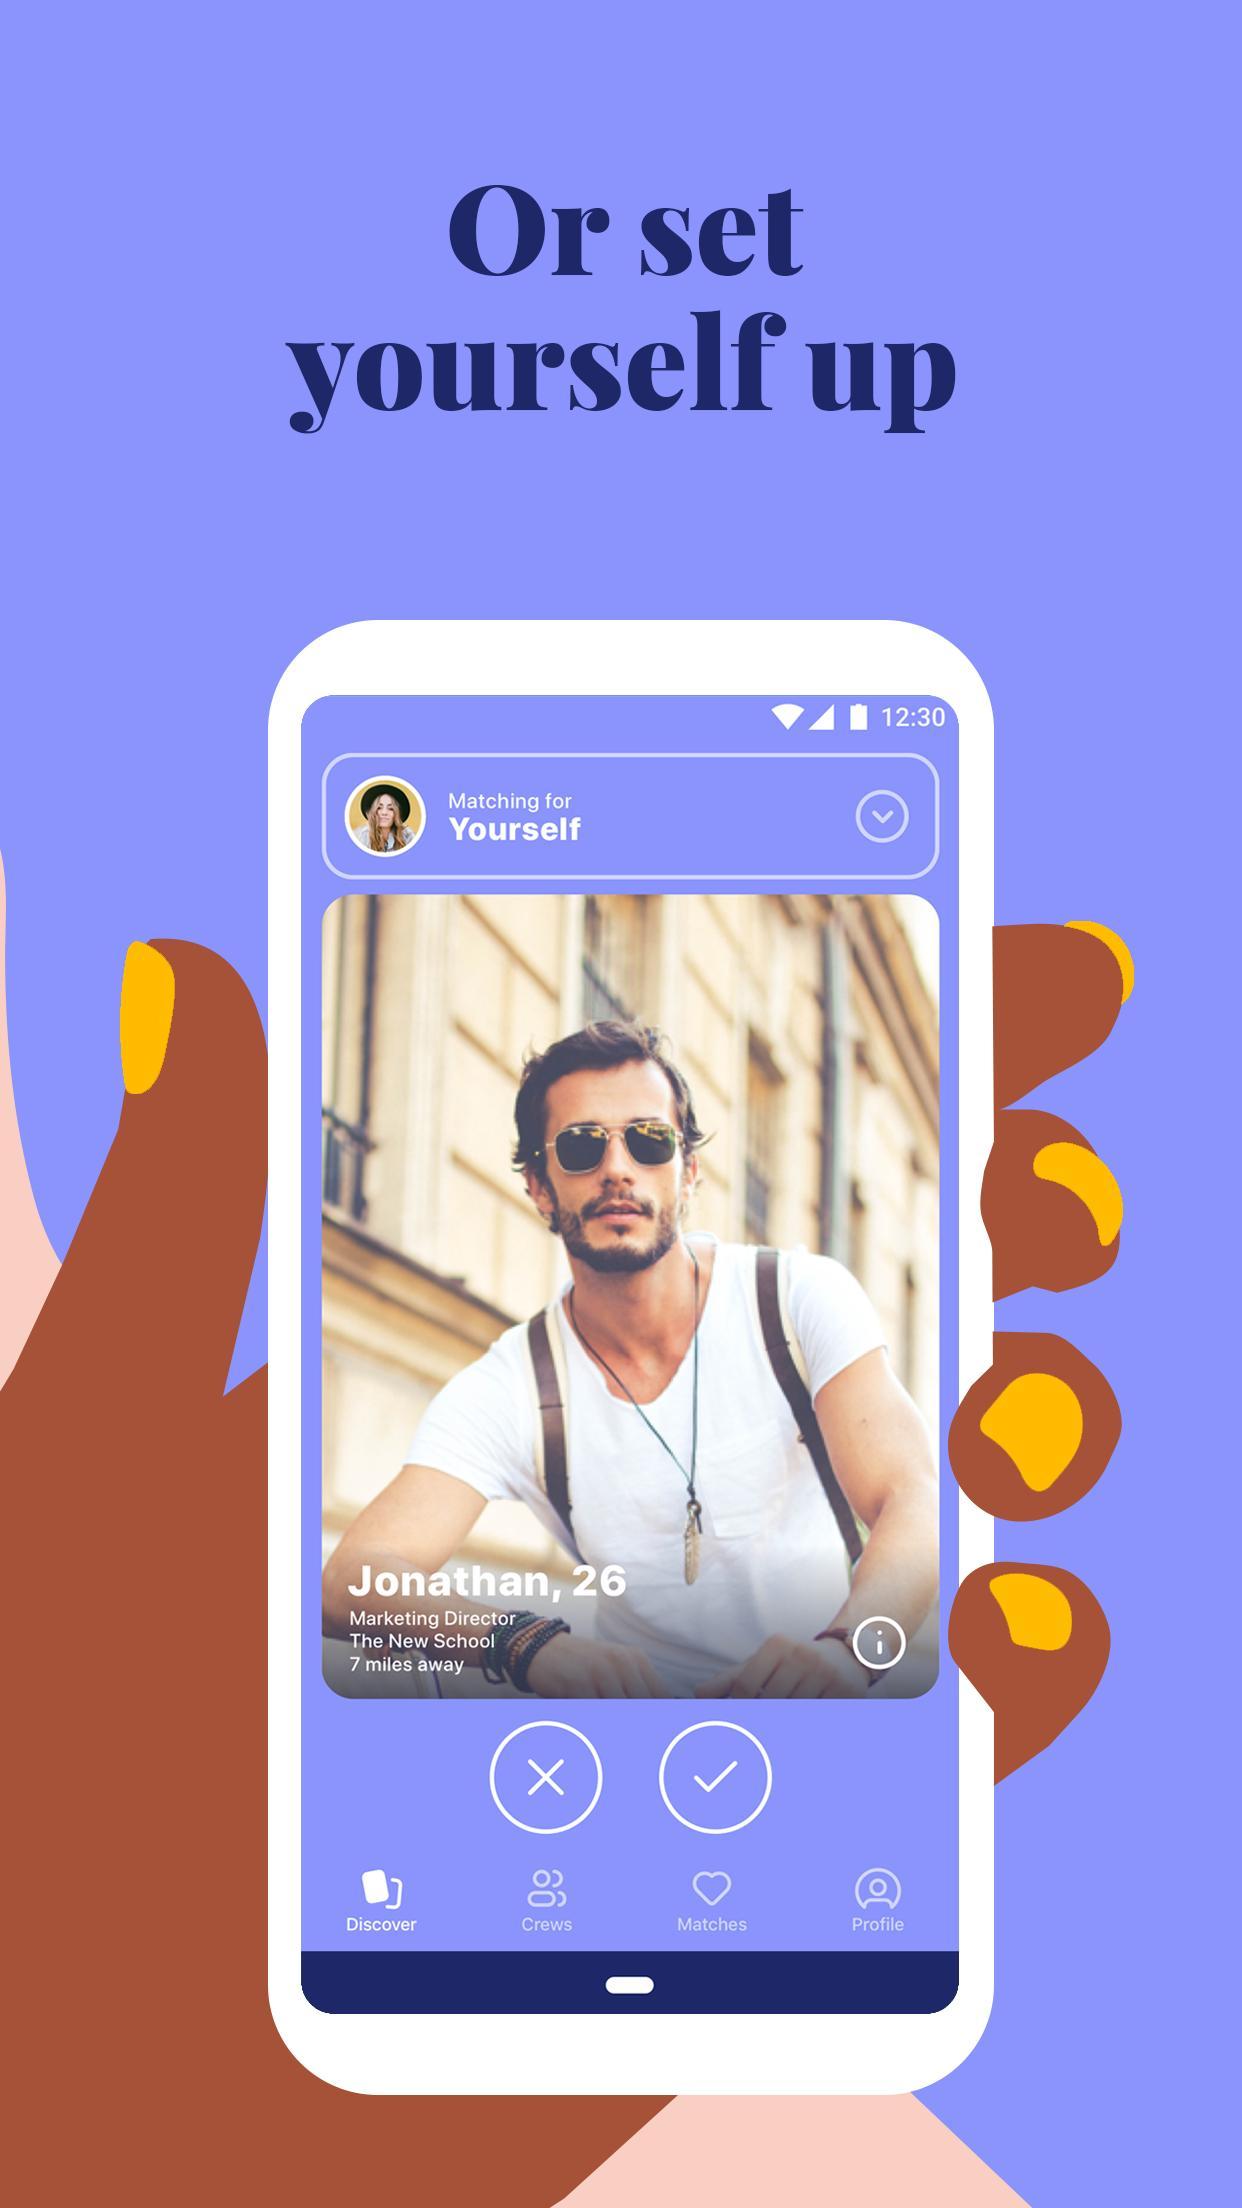 AskMen rencontres apps Dubai Matchmaking